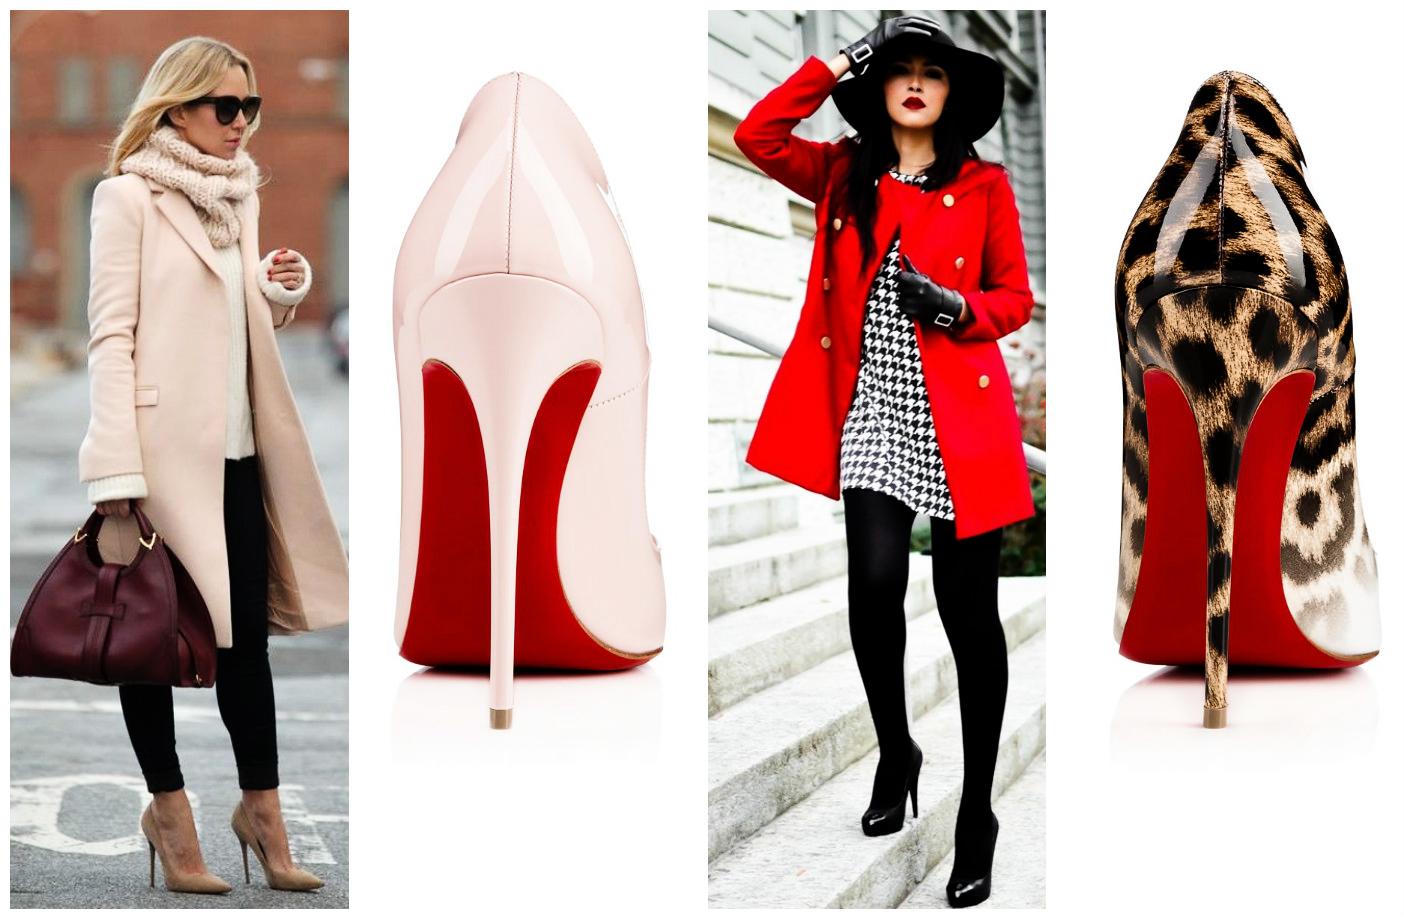 flashmode agency — chaussures femme: 57 escarpins tendance pour